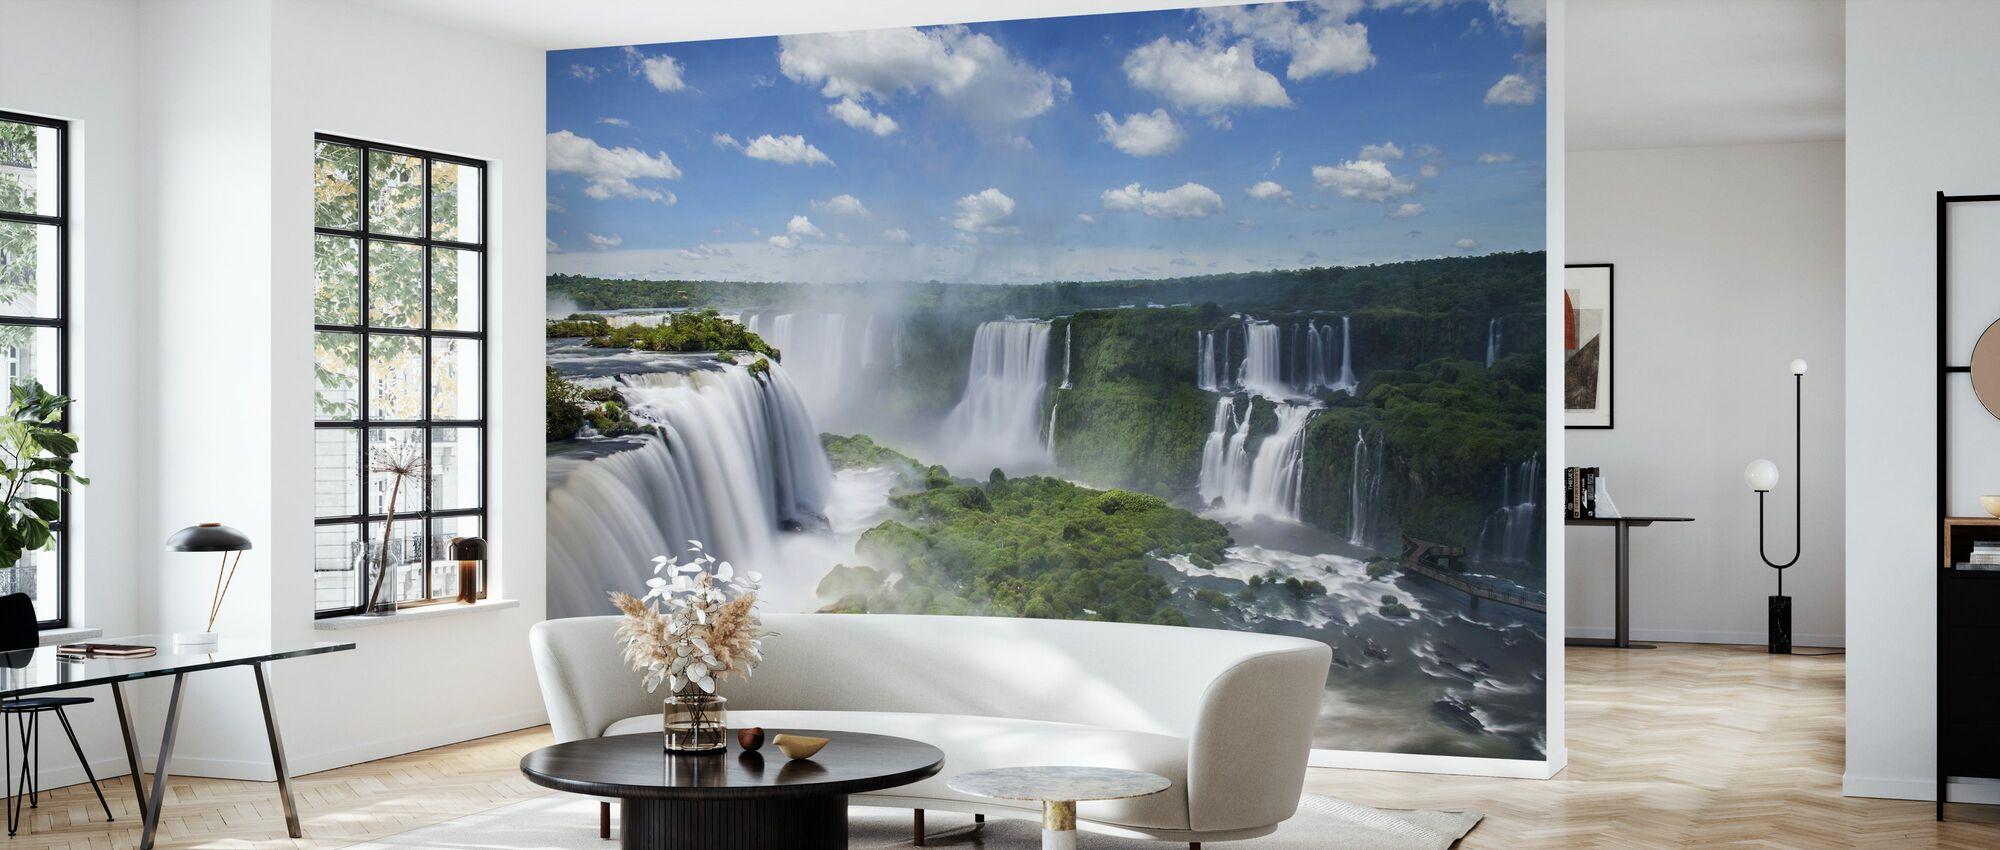 Iguazun vesiputous - Tapetti - Olohuone